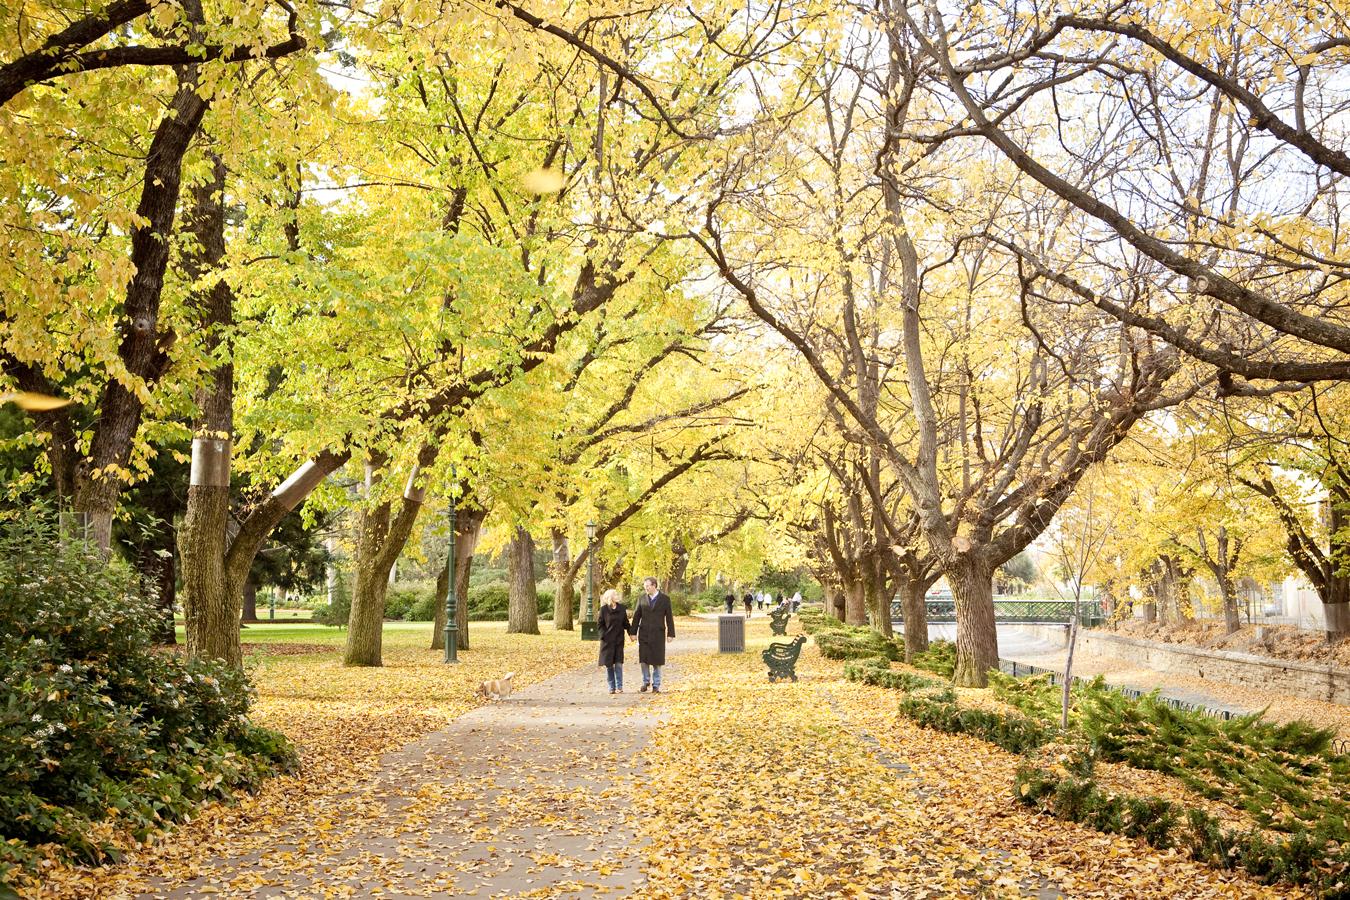 Beautiful Autumn day in Rosalind Park. Photo Credit: Explore Bendigo & Bendigo Tourism